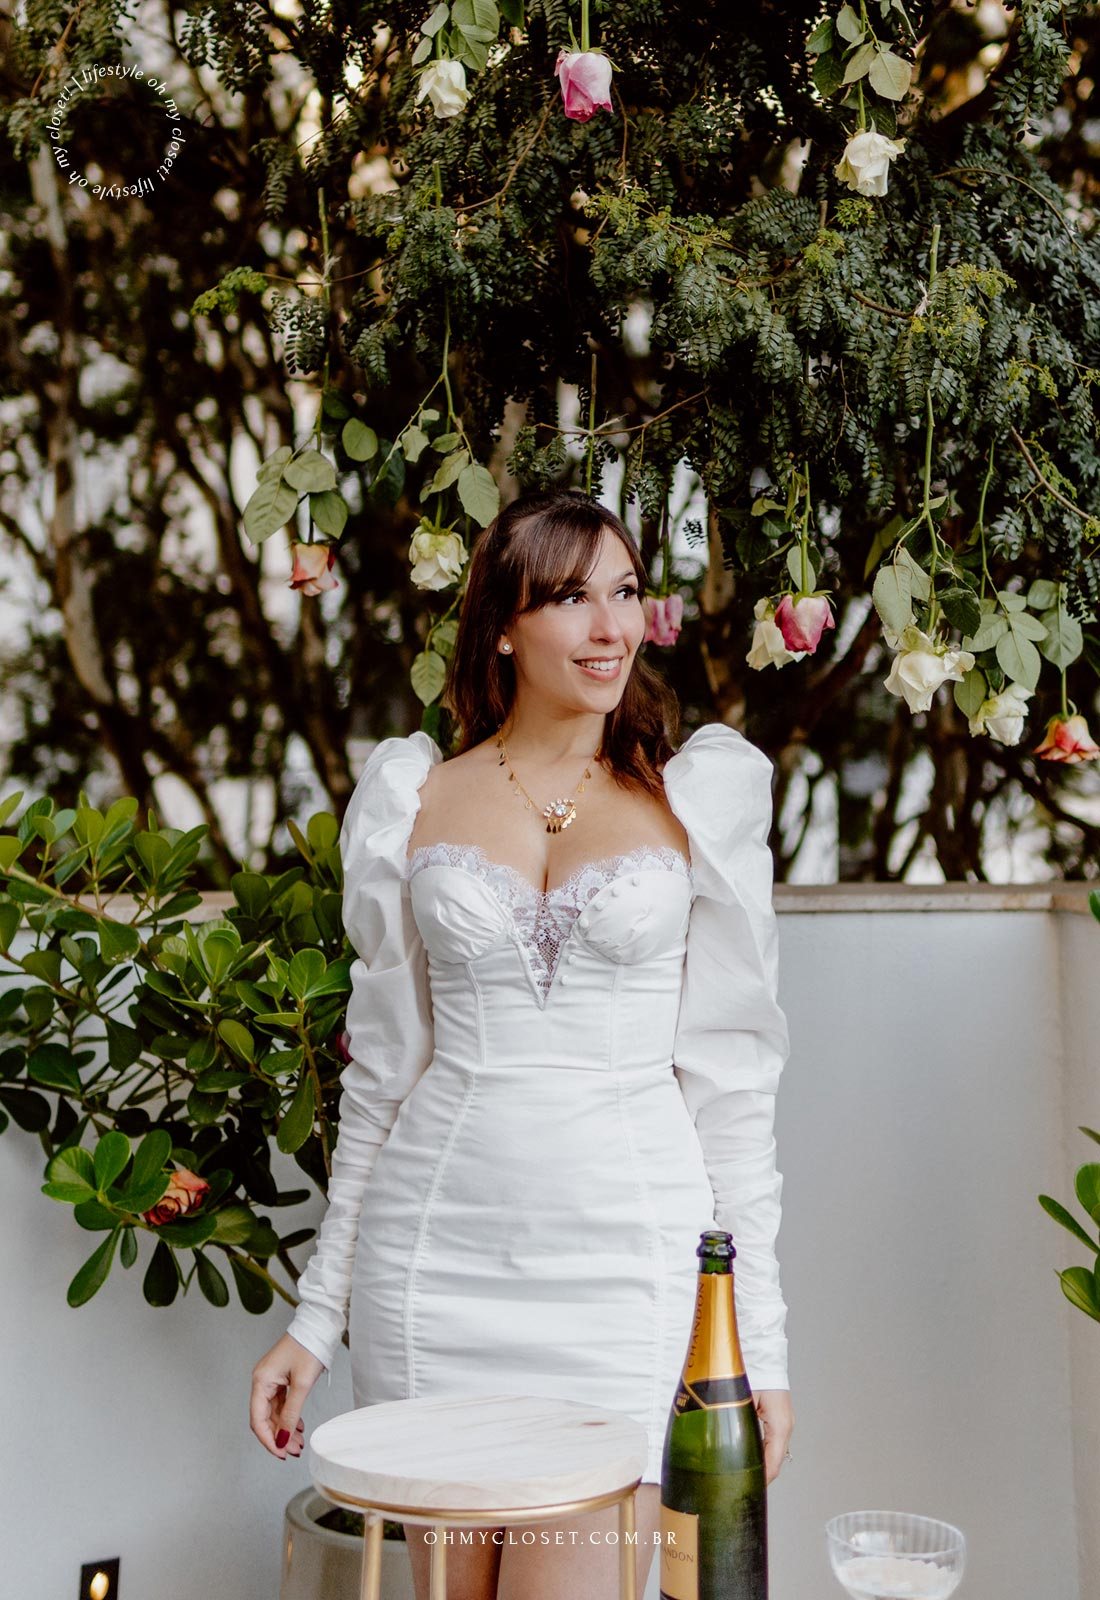 Monica Almeida, blogueira responsável pelo Blog Oh My Closet!